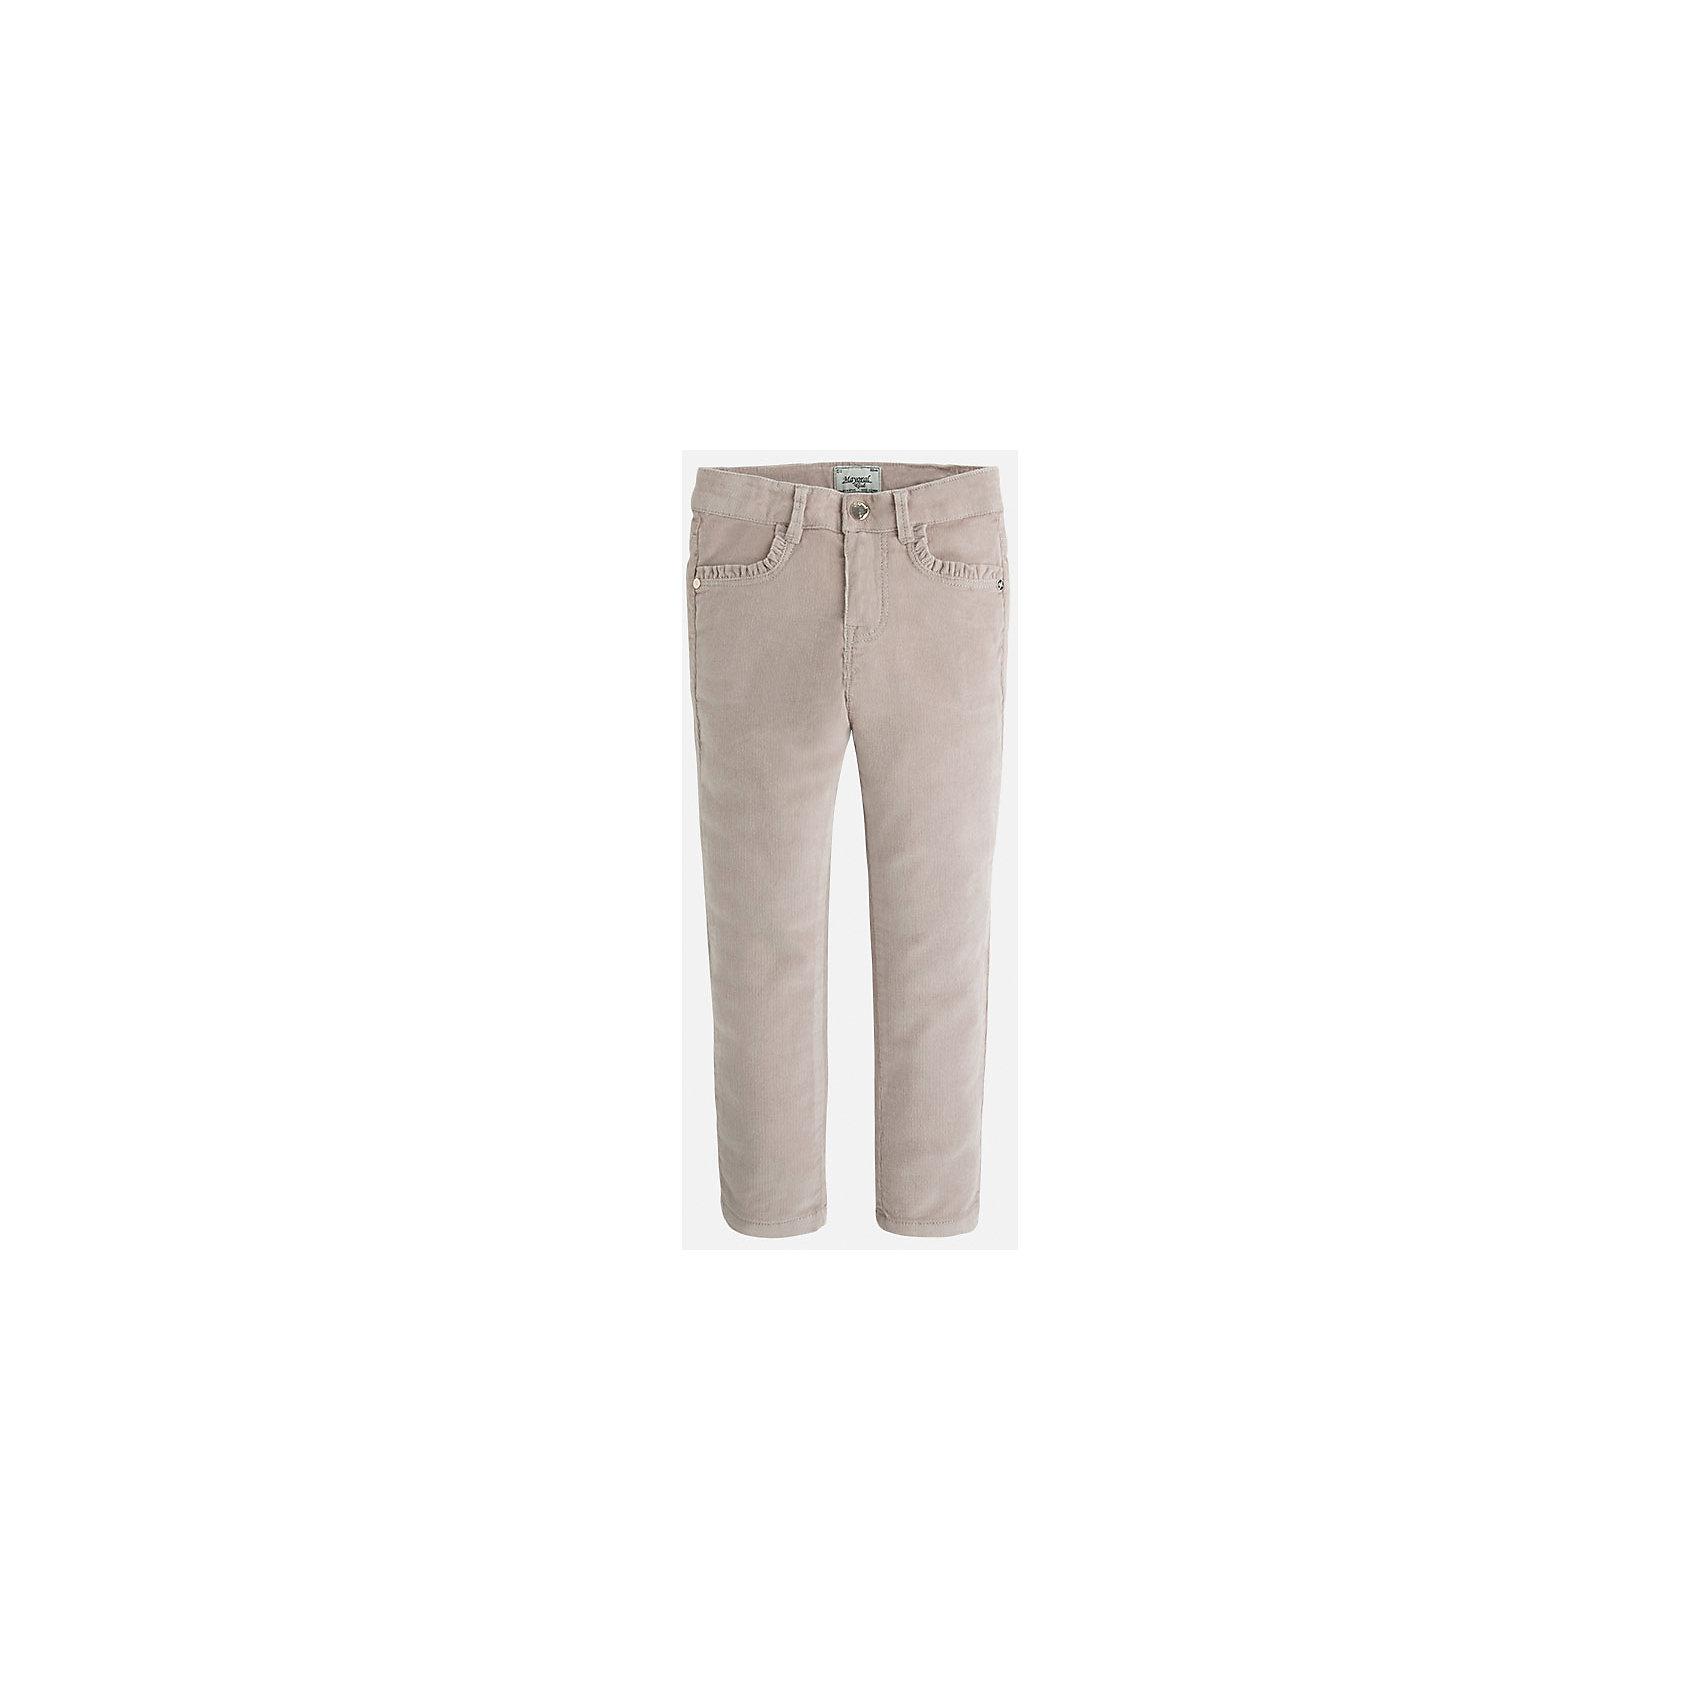 Брюки для девочки MayoralМягкие вельветовые брюки от известного испанского бренда для девочки. Изделие обладает следующими особенностями: - зауженный силуэт (scinny); - регулируемый по полноте пояс со шлевками для ремня; - традиционная застежка: кнопка и молния; - 4 кармана; - приятная к телу чуть эластичная плотная ткань (98% хлопок, 2% эластан).<br><br>Брюки для девочки Mayoral (Майорал) можно купить в нашем магазине.<br><br>Ширина мм: 215<br>Глубина мм: 88<br>Высота мм: 191<br>Вес г: 336<br>Цвет: разноцветный<br>Возраст от месяцев: 18<br>Возраст до месяцев: 24<br>Пол: Женский<br>Возраст: Детский<br>Размер: 92,128,134,122,98,104,110,116,128<br>SKU: 3308627